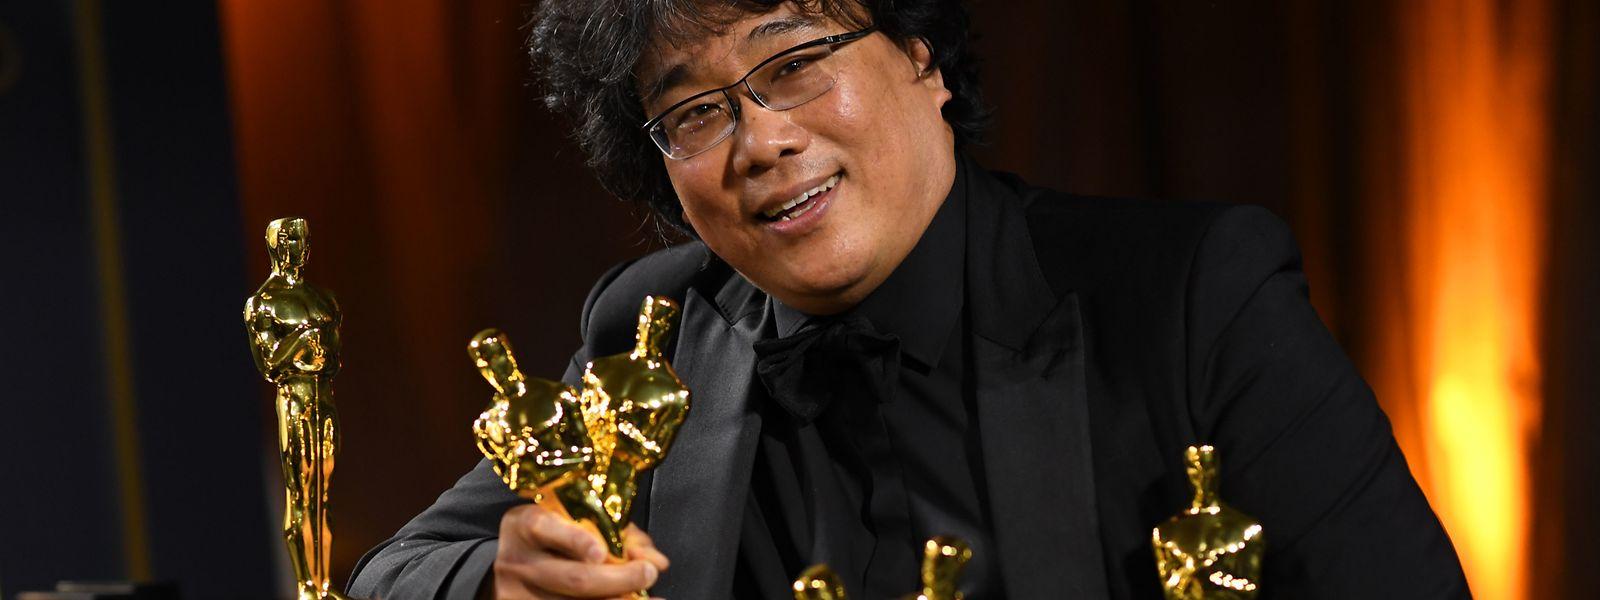 Regisseur Bong Joon Ho mit seinen Auszeichnungen.